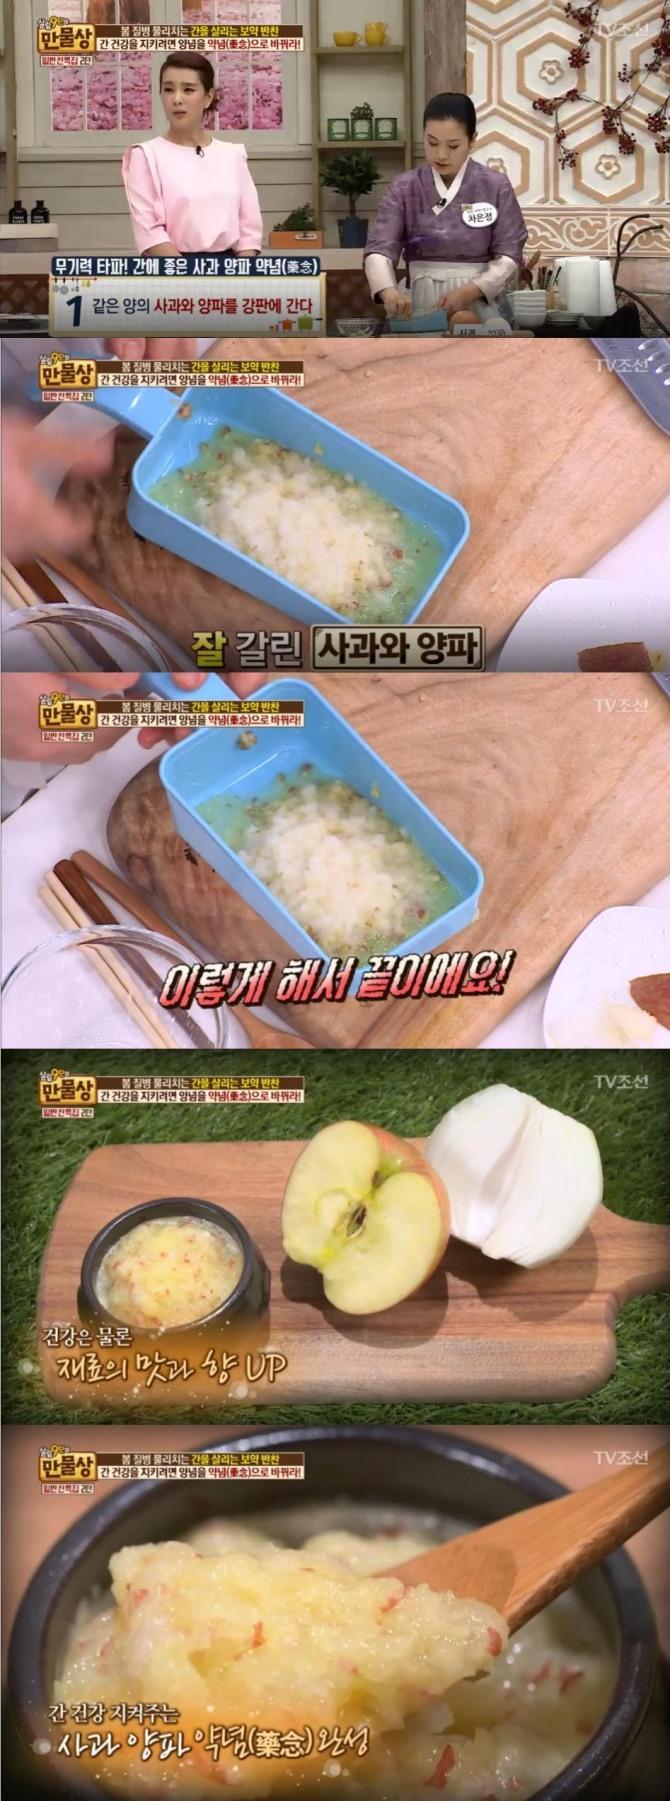 12일 방송된 TV조선 '살림9단의 만물상'에서는 봄철 건강을 지키는 밑반찬 2탄으로 사과와 양파를 이용한 간 건강에 도움을 주는 밑반찬이 공개됐다./사진=TV조선 방송 캡처